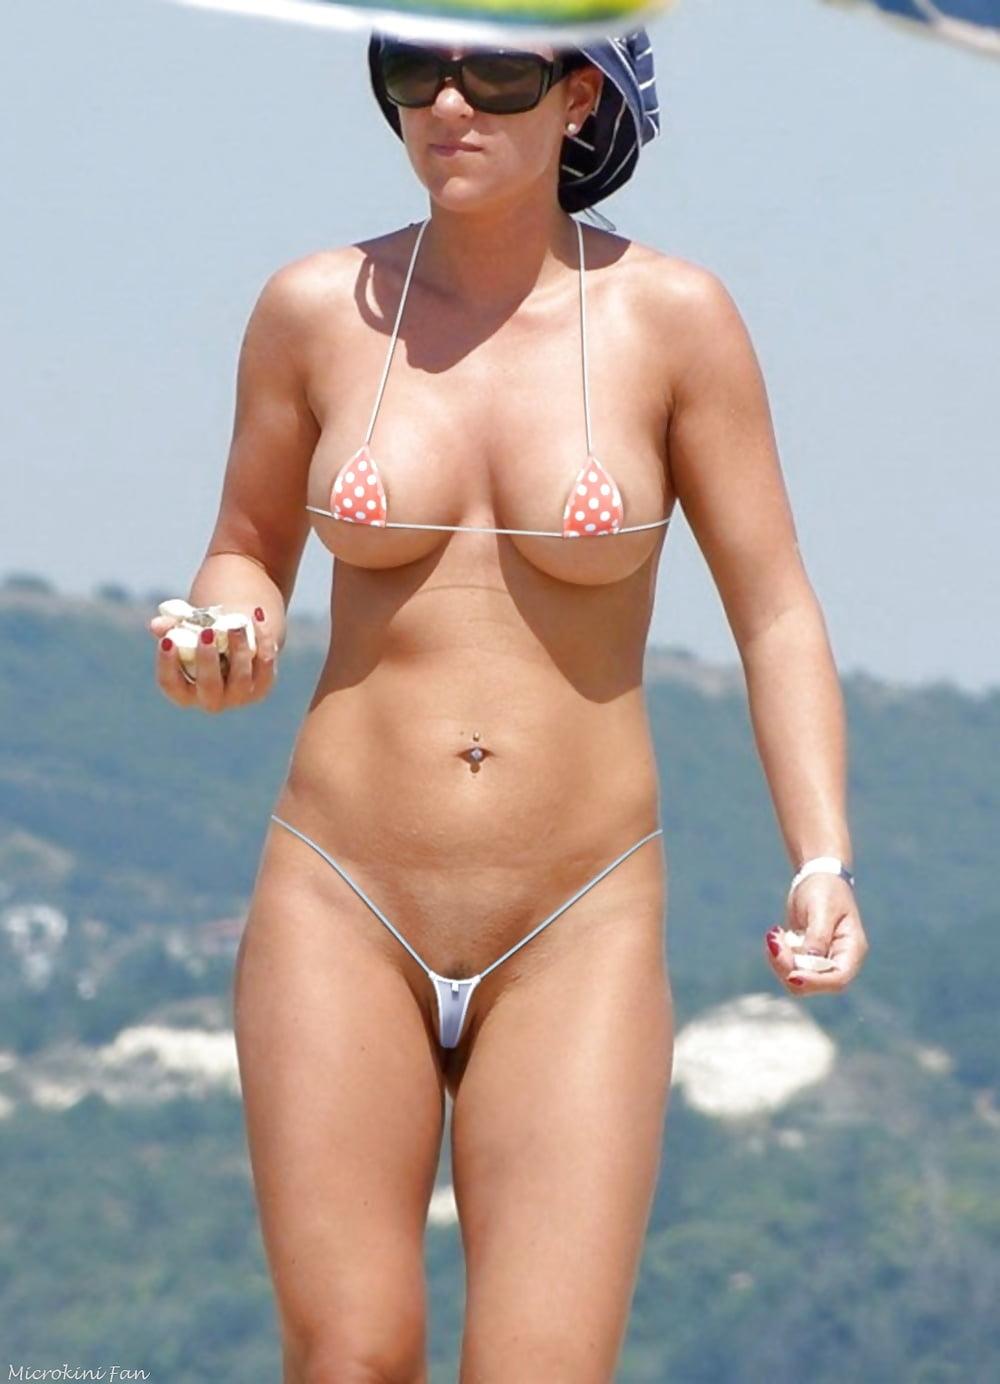 Wife bikini free pics girl